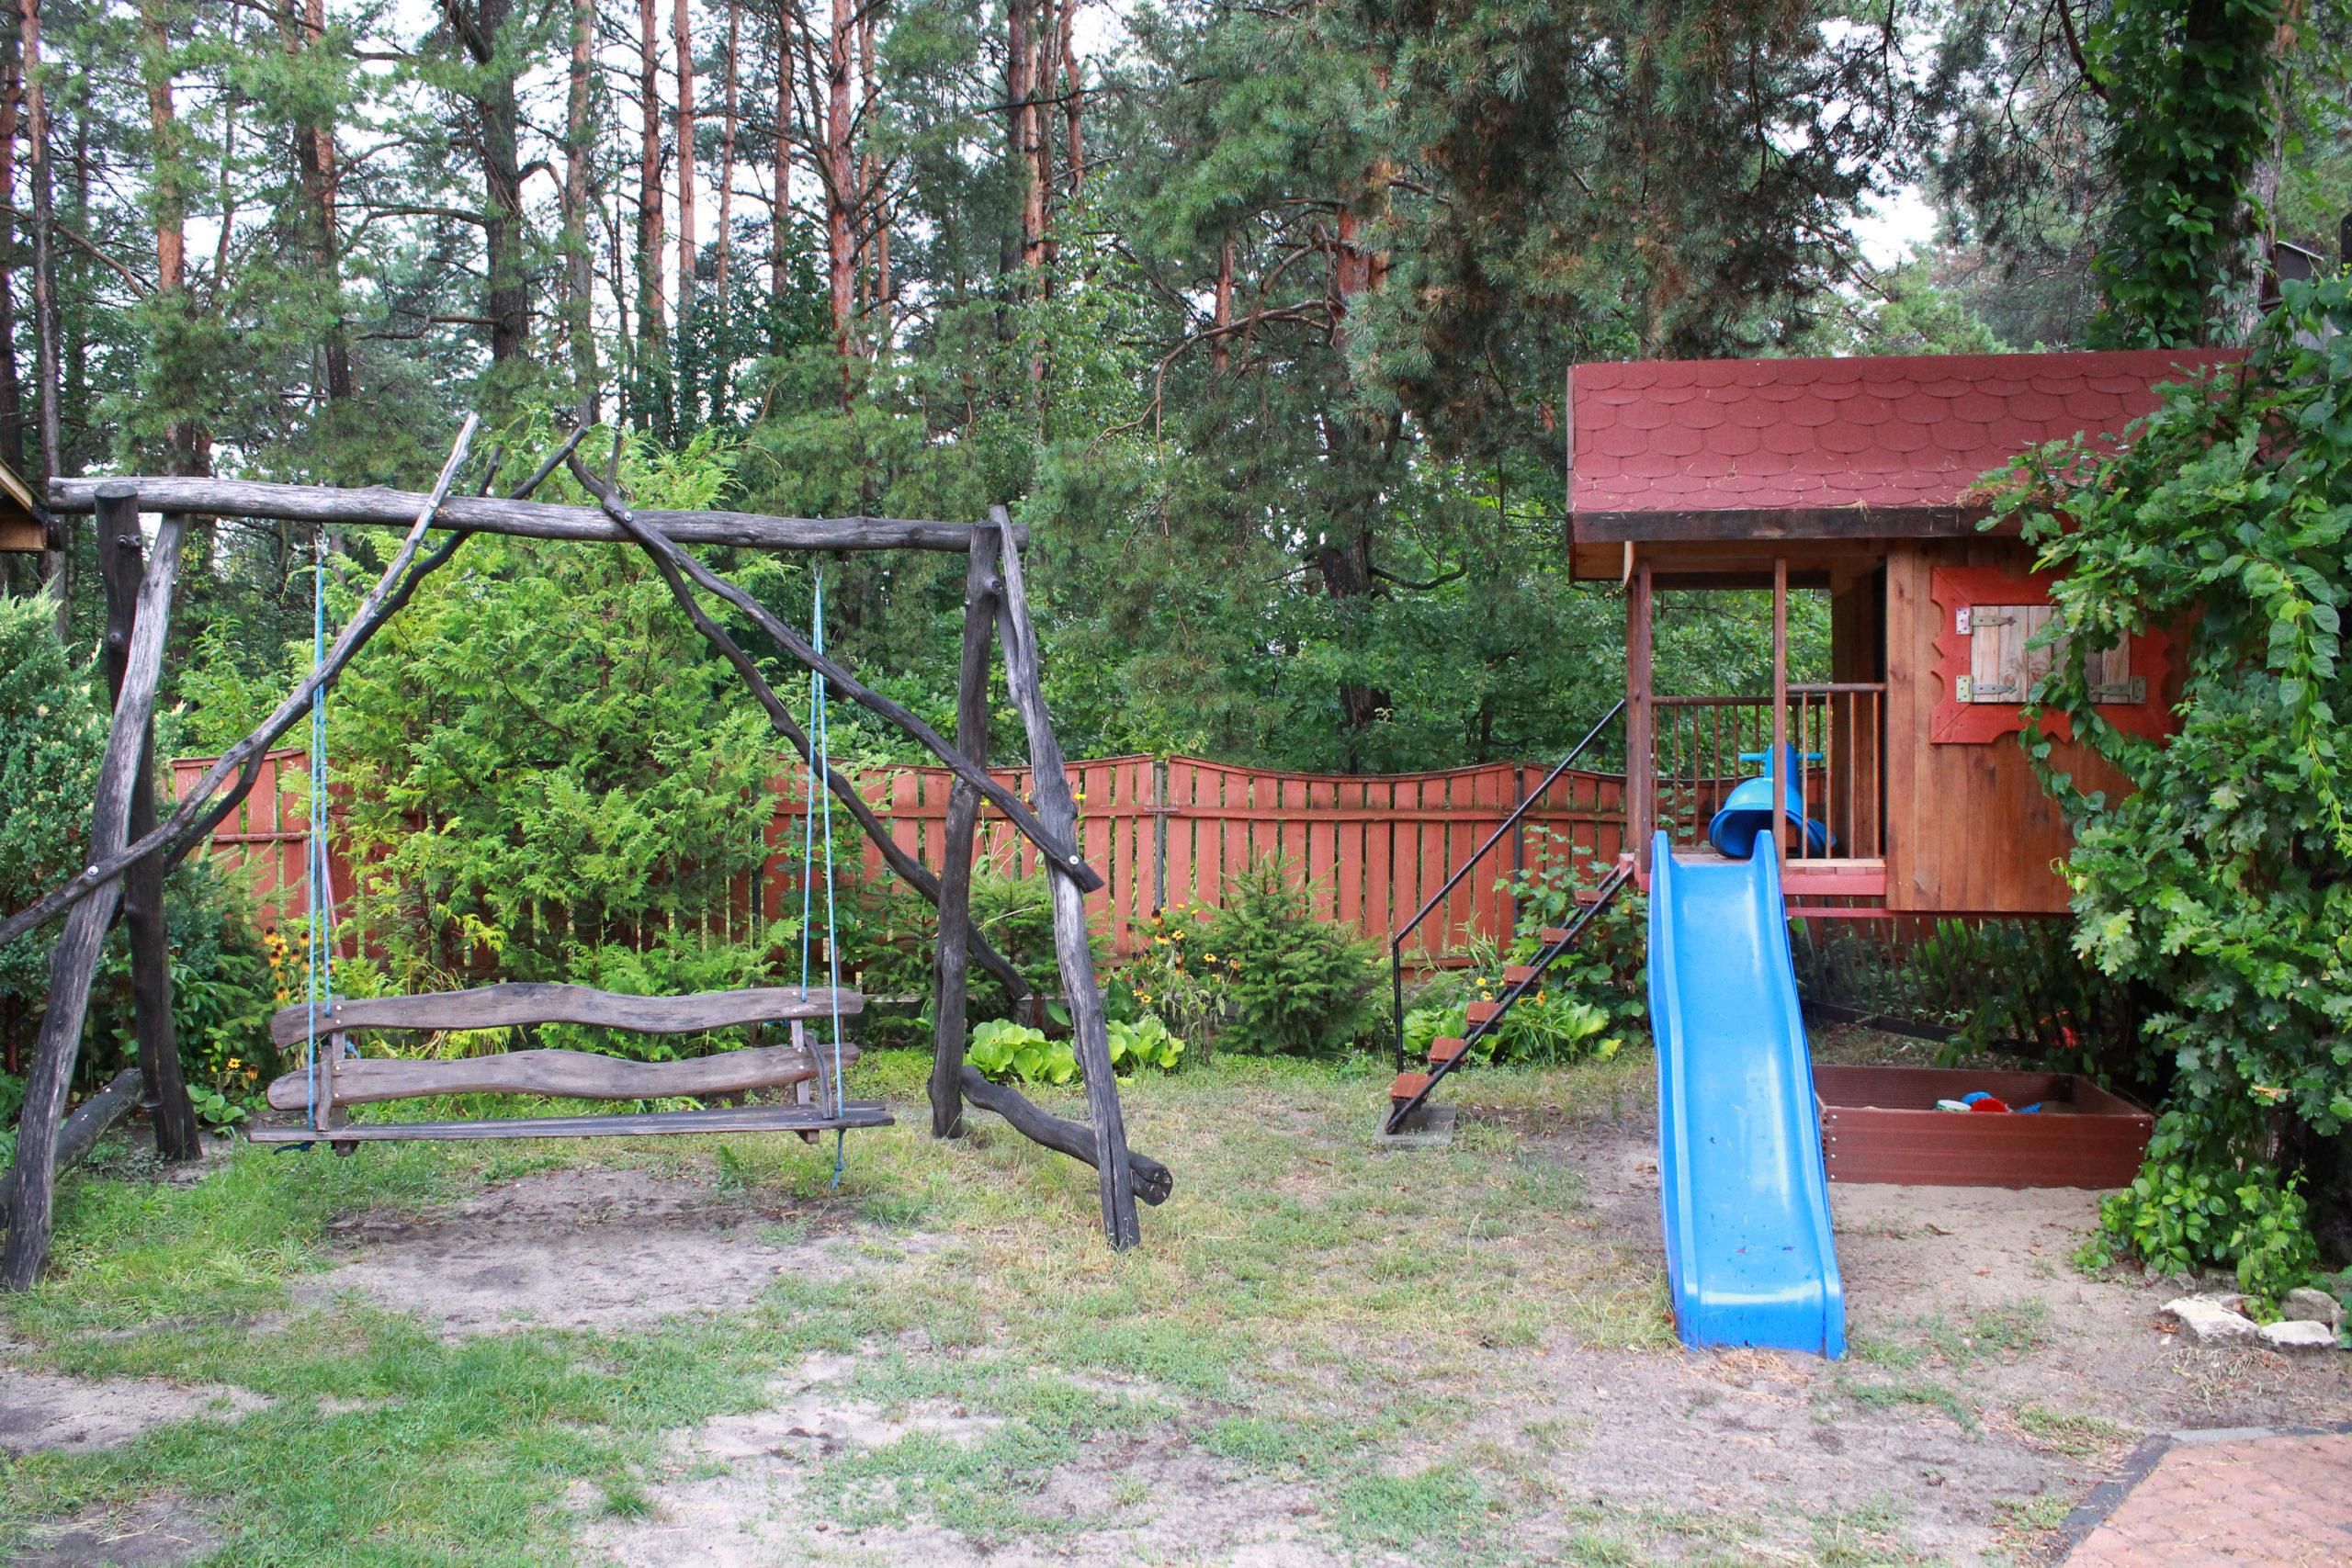 bujana ławka i drewniany domek w ogrodzie